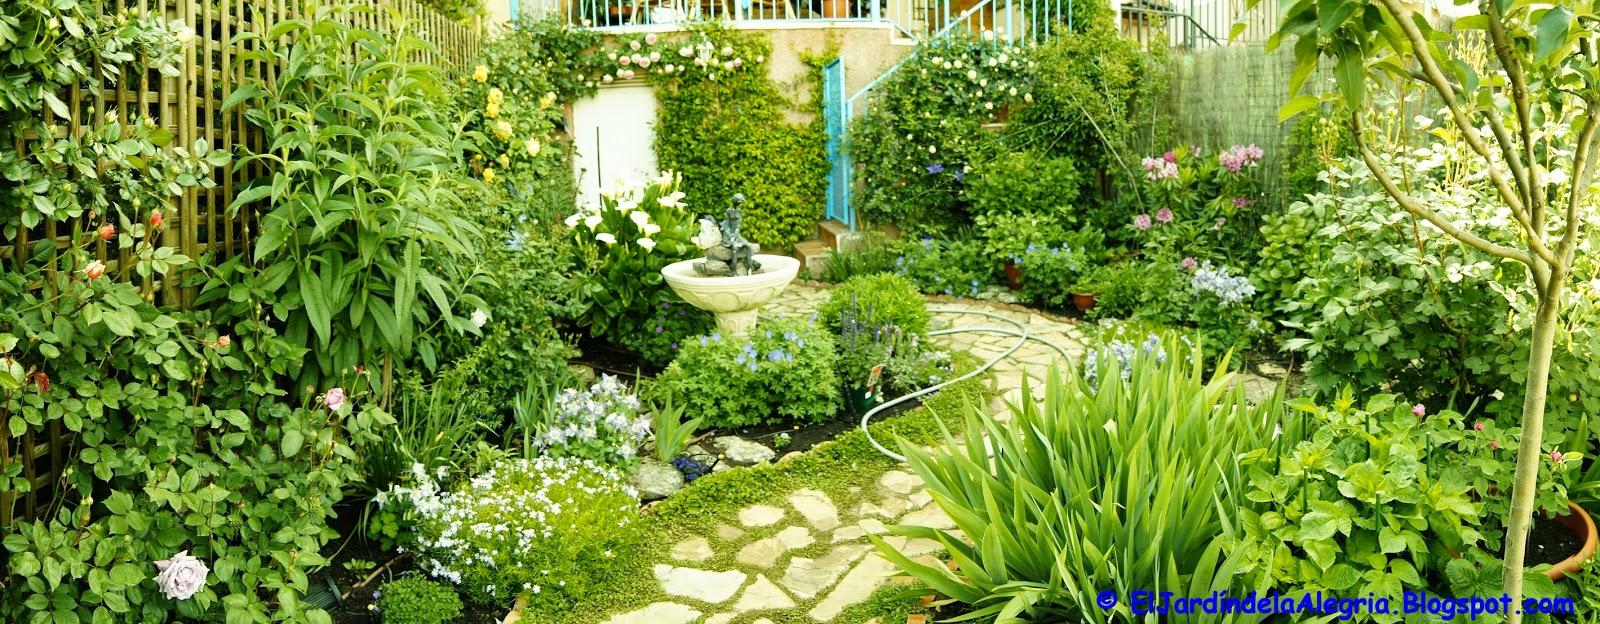 El jard n de la alegr a c mo plantar un rododendro for El jardin del deseo pendientes